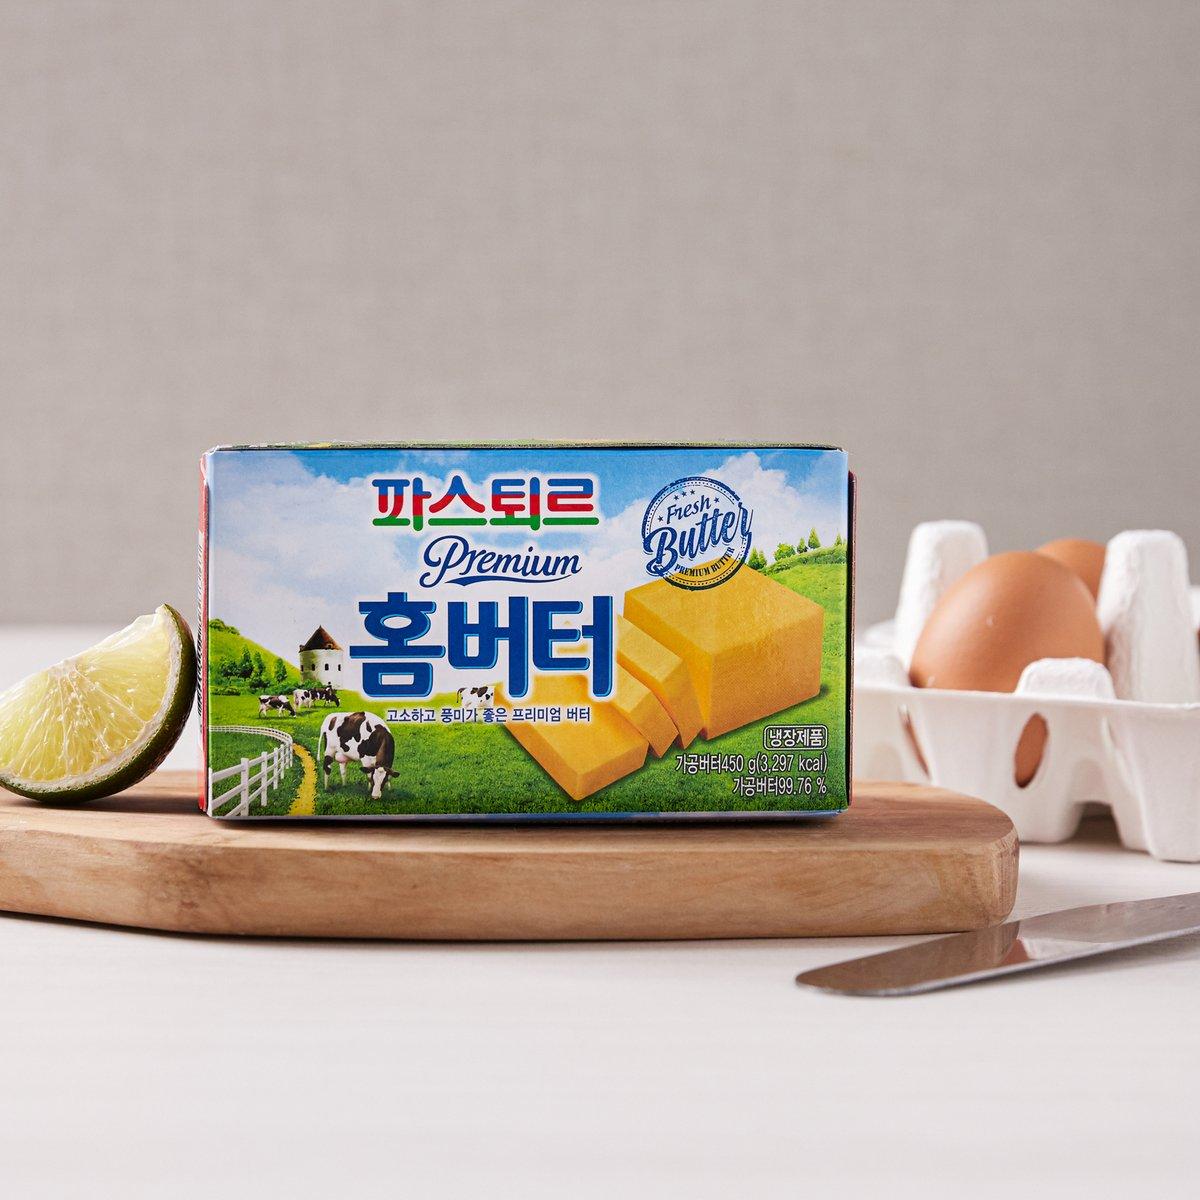 [롯데] 쉐푸드홈버터450g